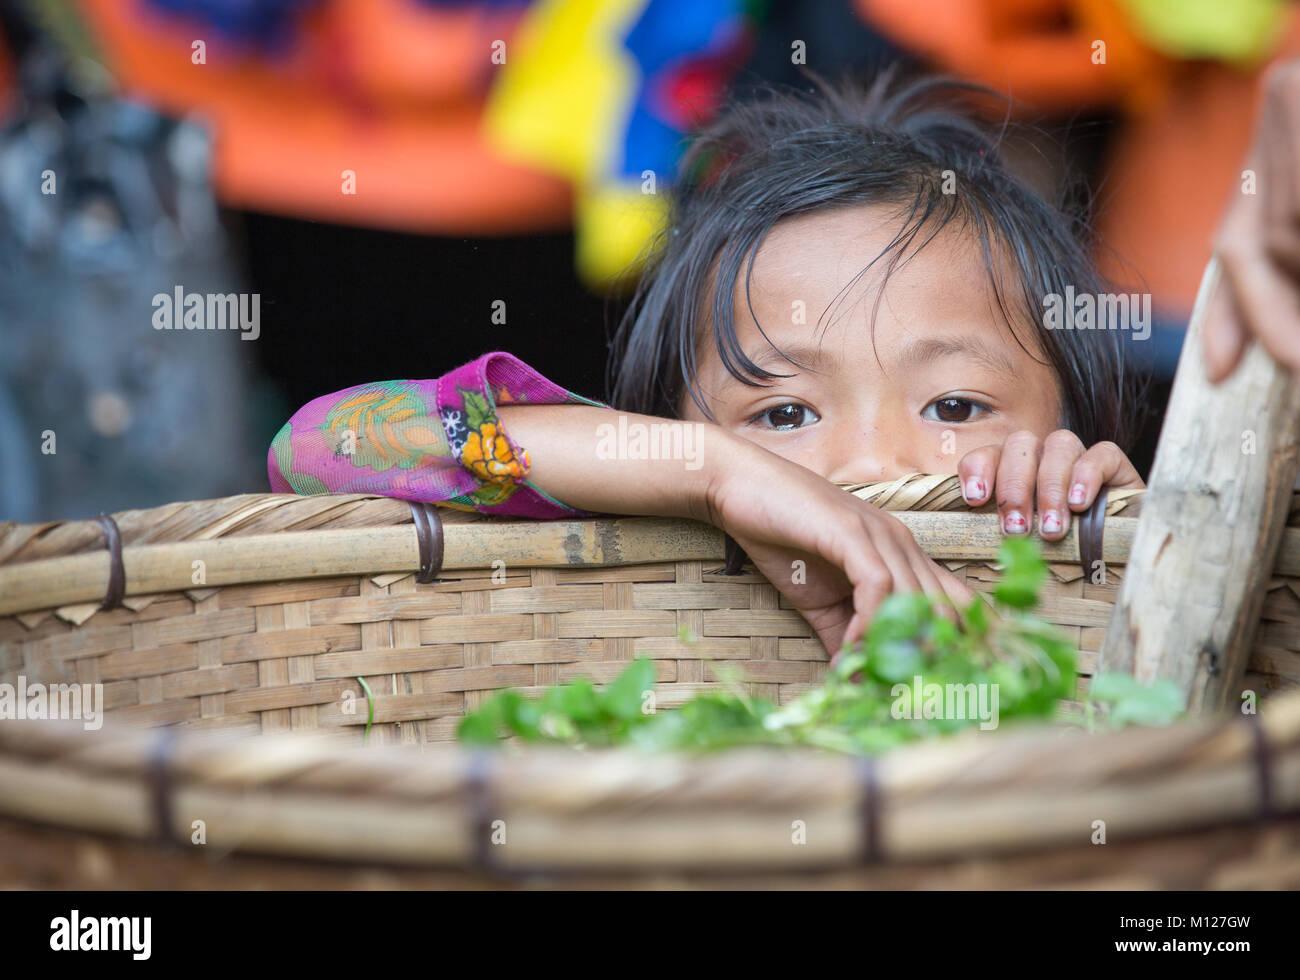 bangladeshi girl at a market - Stock Image